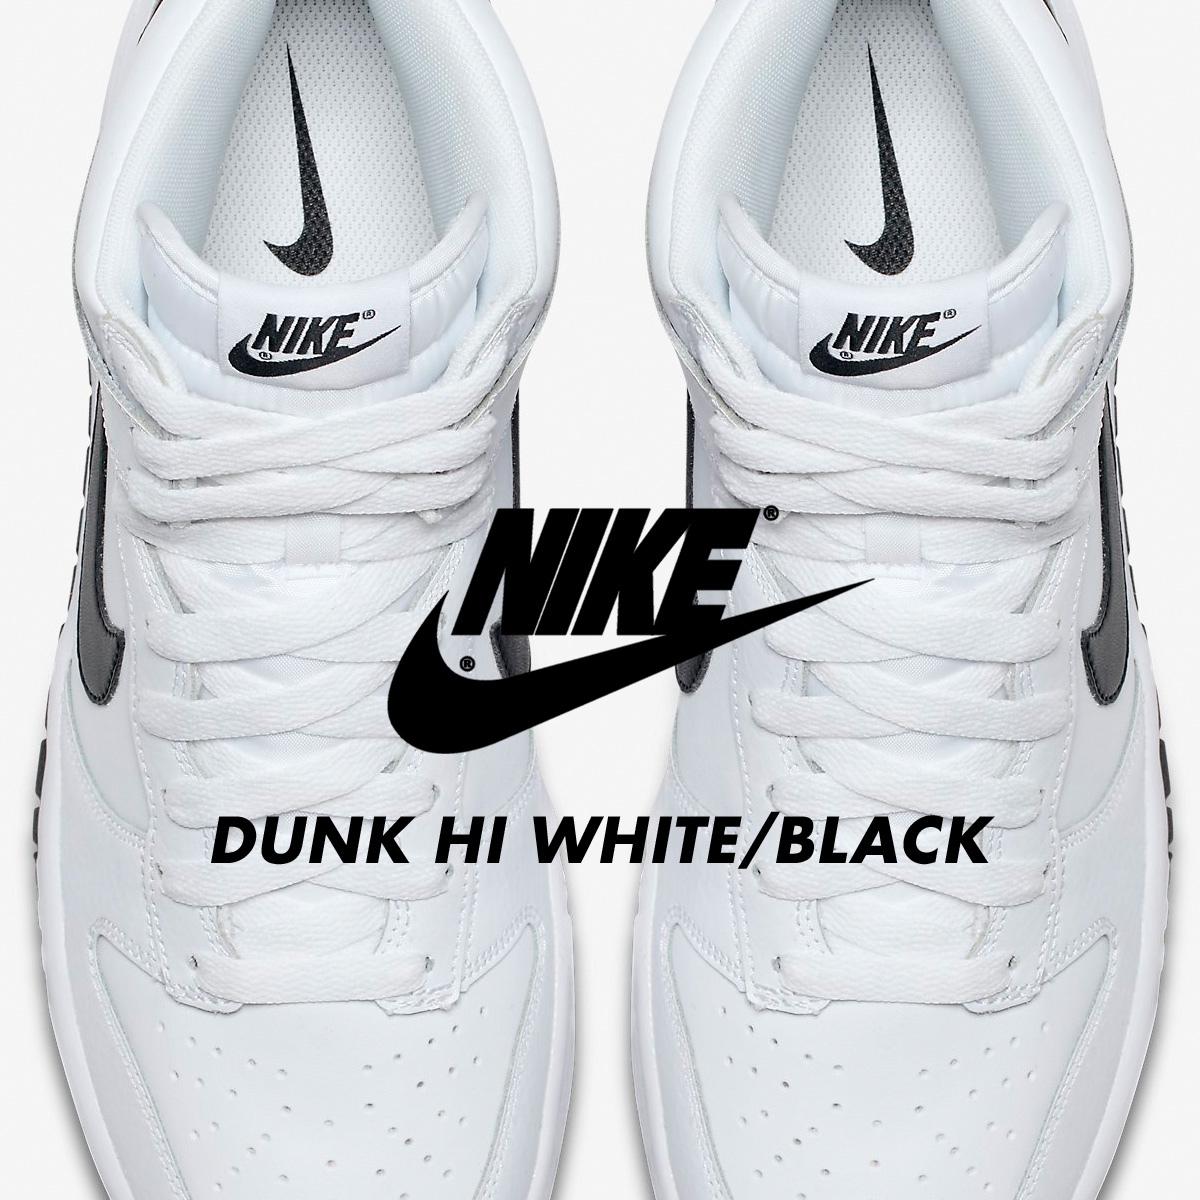 NIKE Nike dunk high sneakers DUNK HI men 904,233-103 shoes white [7/1  Shinnyu load] [176]